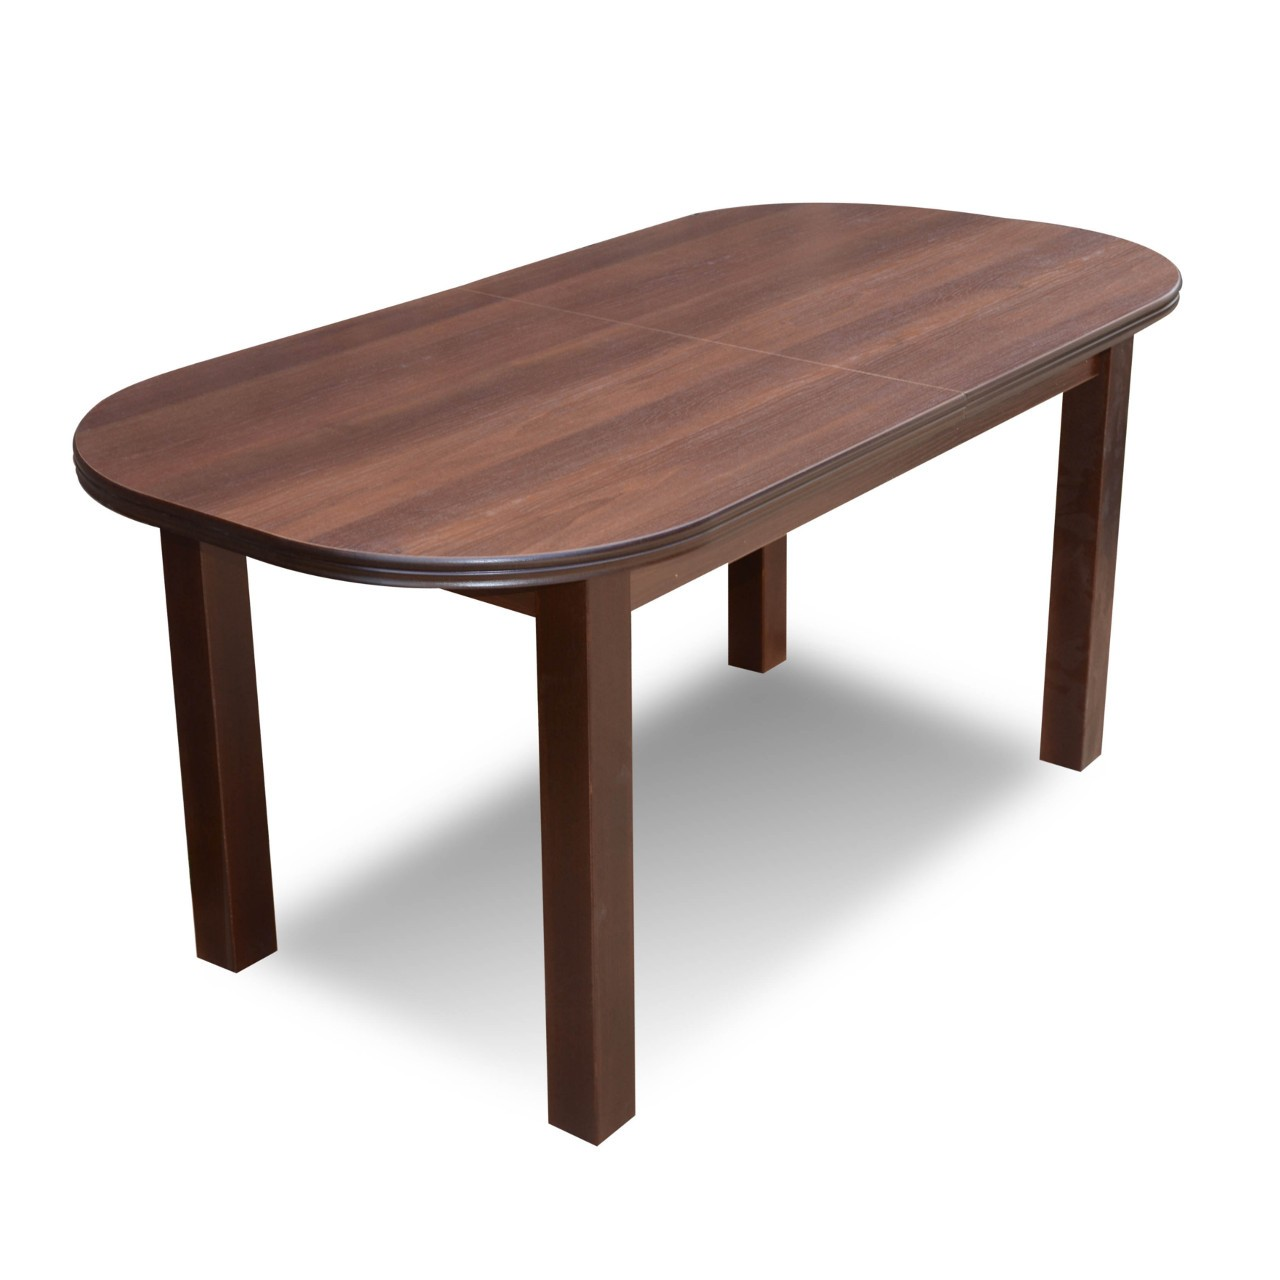 Stół do jadalni SM17 rozkładany do 200 cm szerokość 90 cm